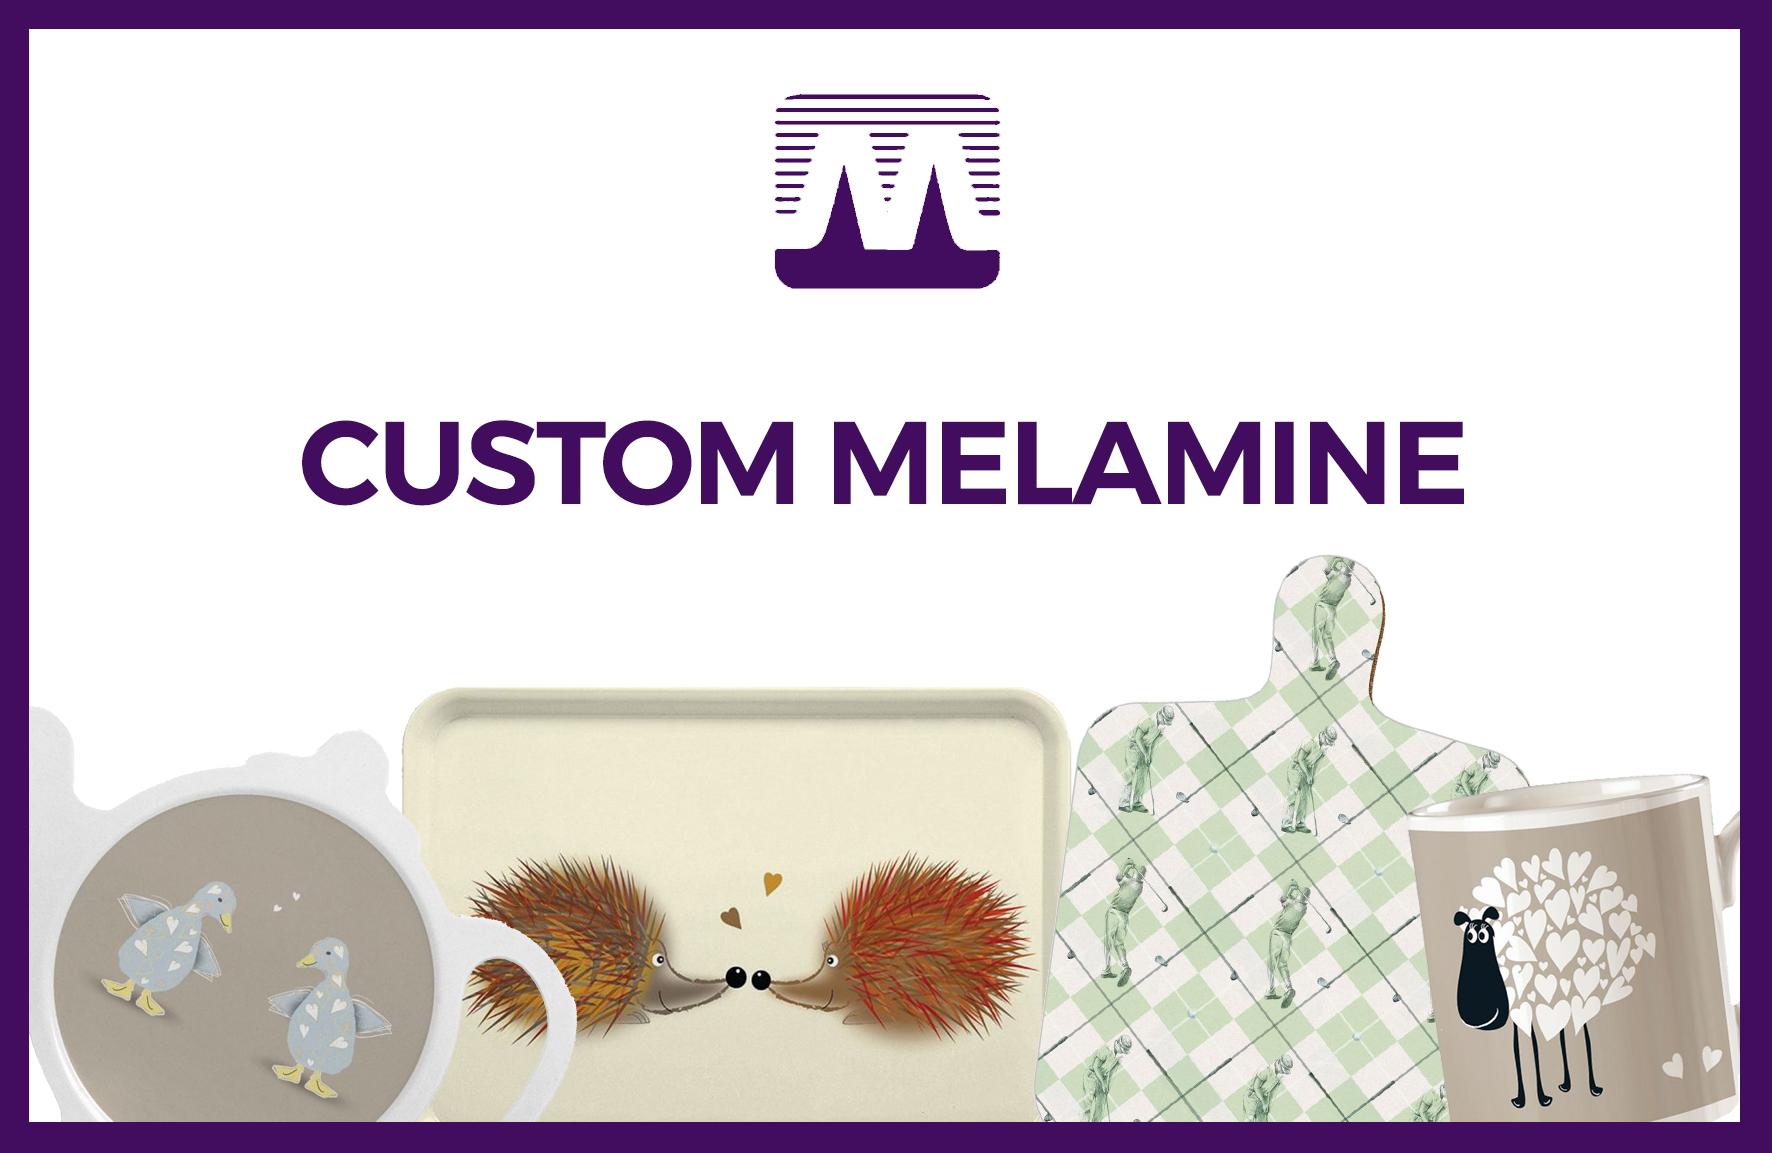 Custom Melamine Banner Image